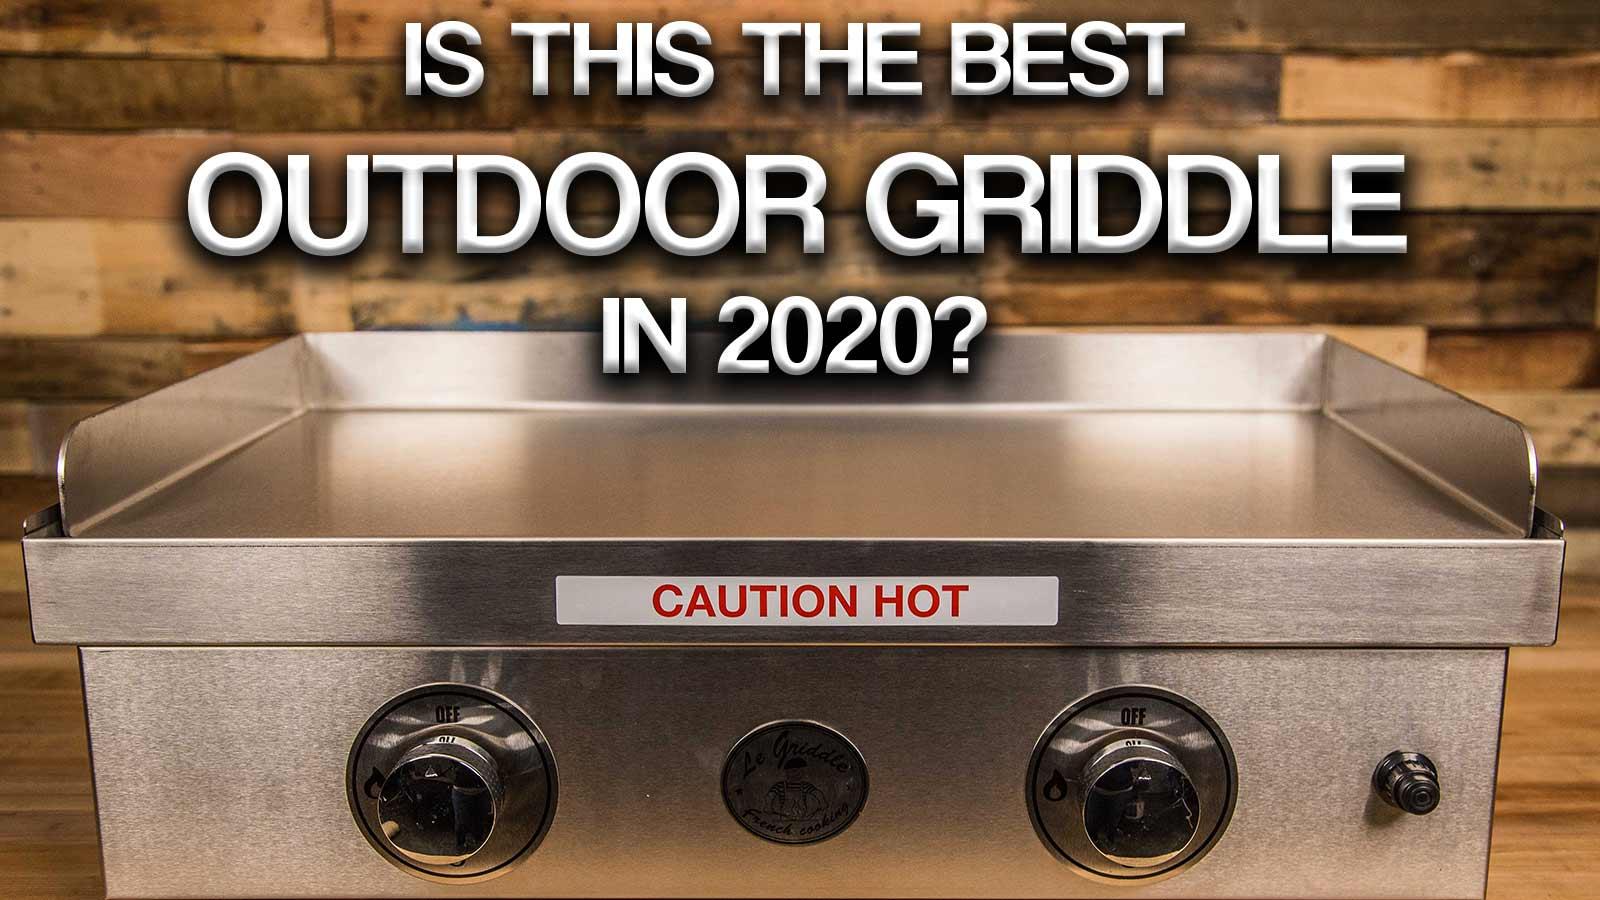 Le Griddle title image